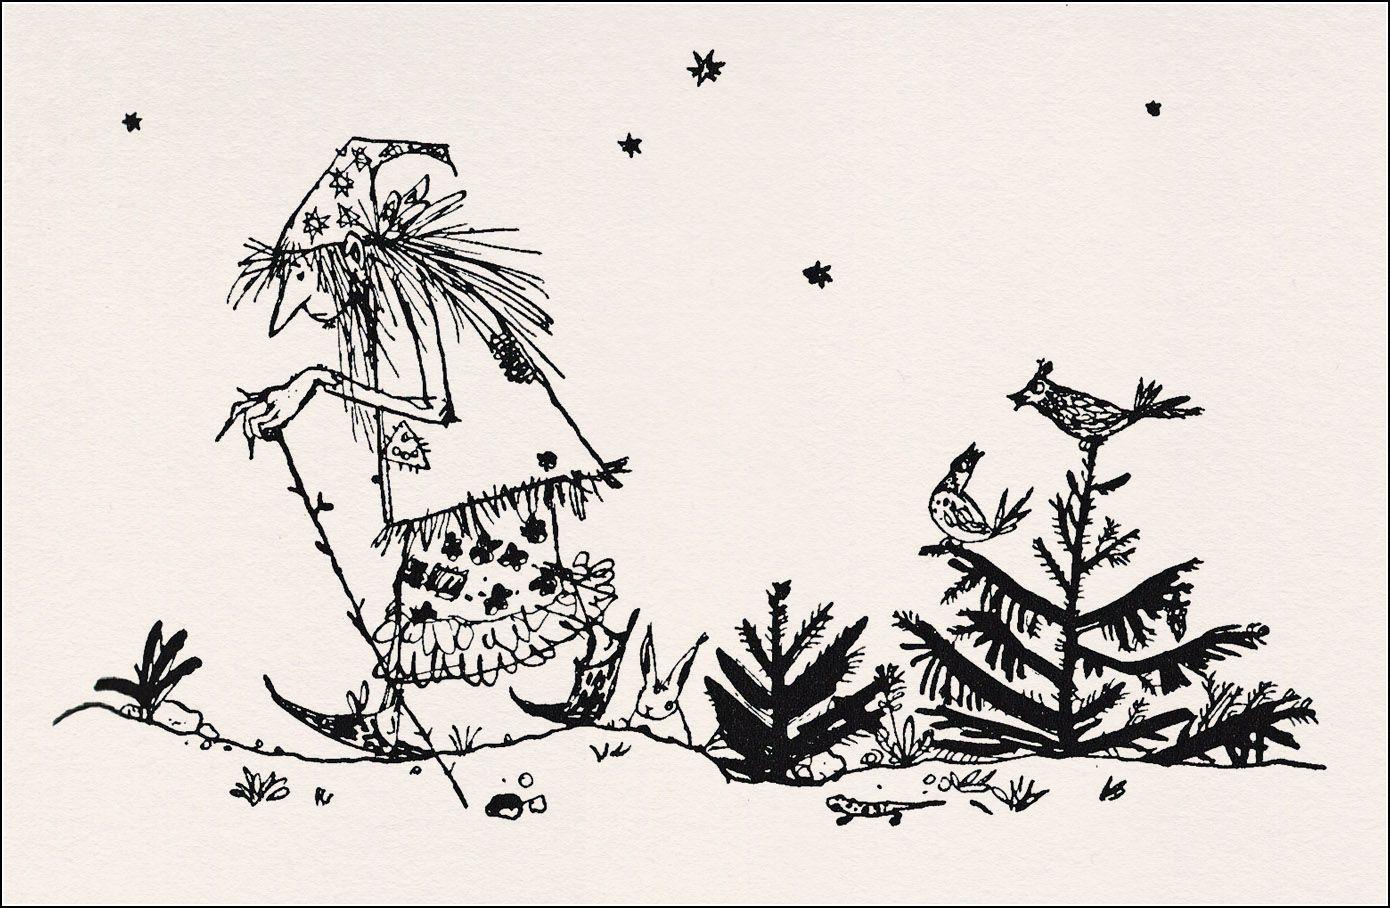 die kleine hexe  illustration book illustration black